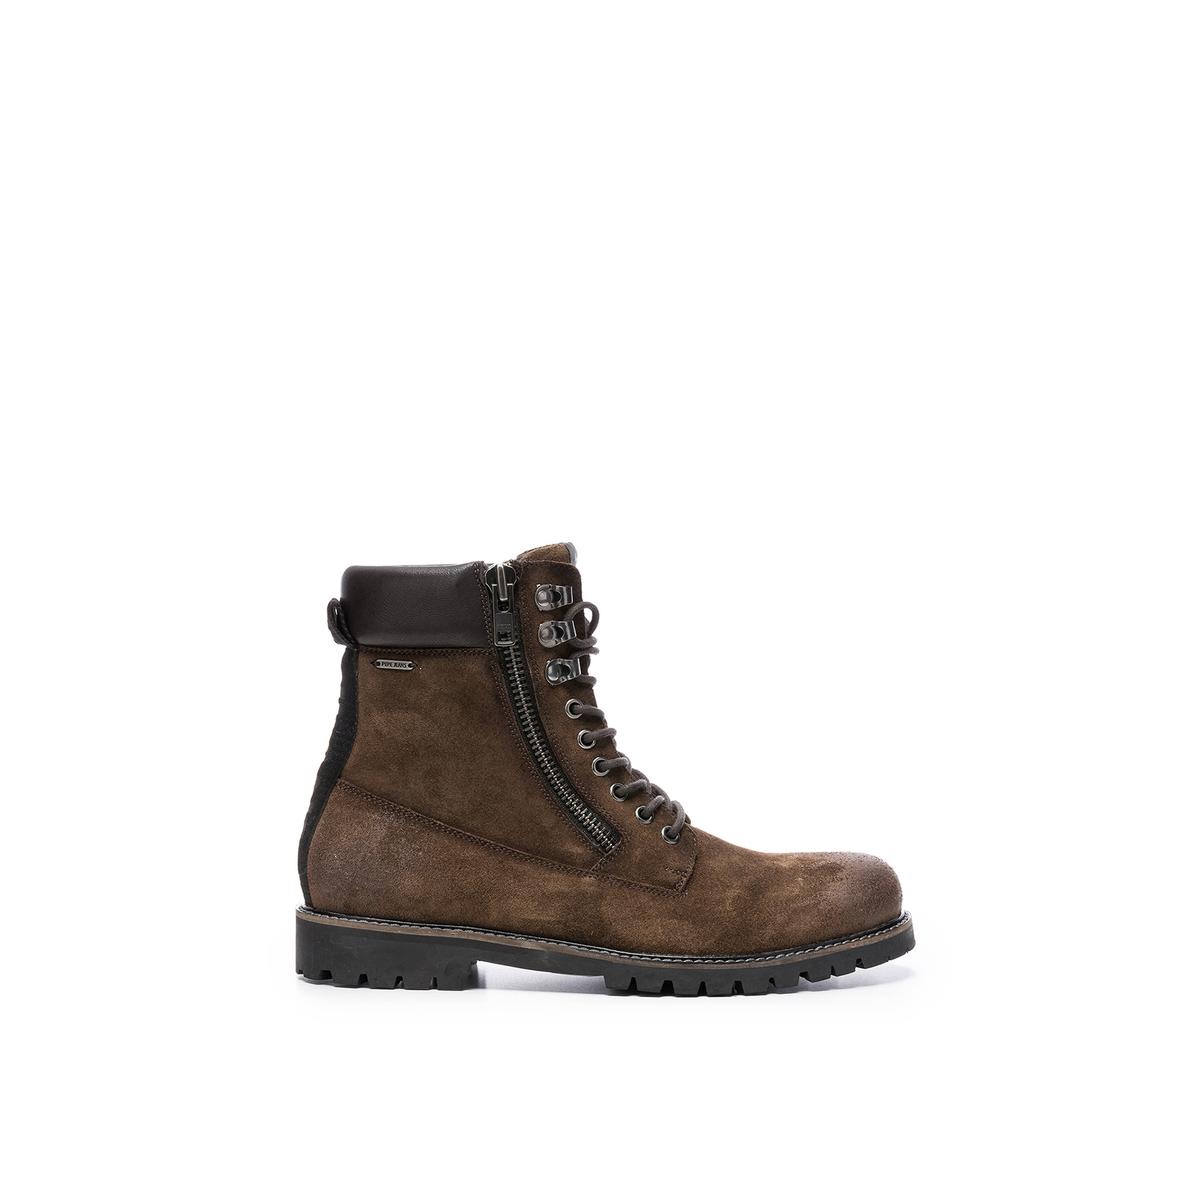 цена Ботильоны La Redoute Porter Boot Sude 44 каштановый онлайн в 2017 году